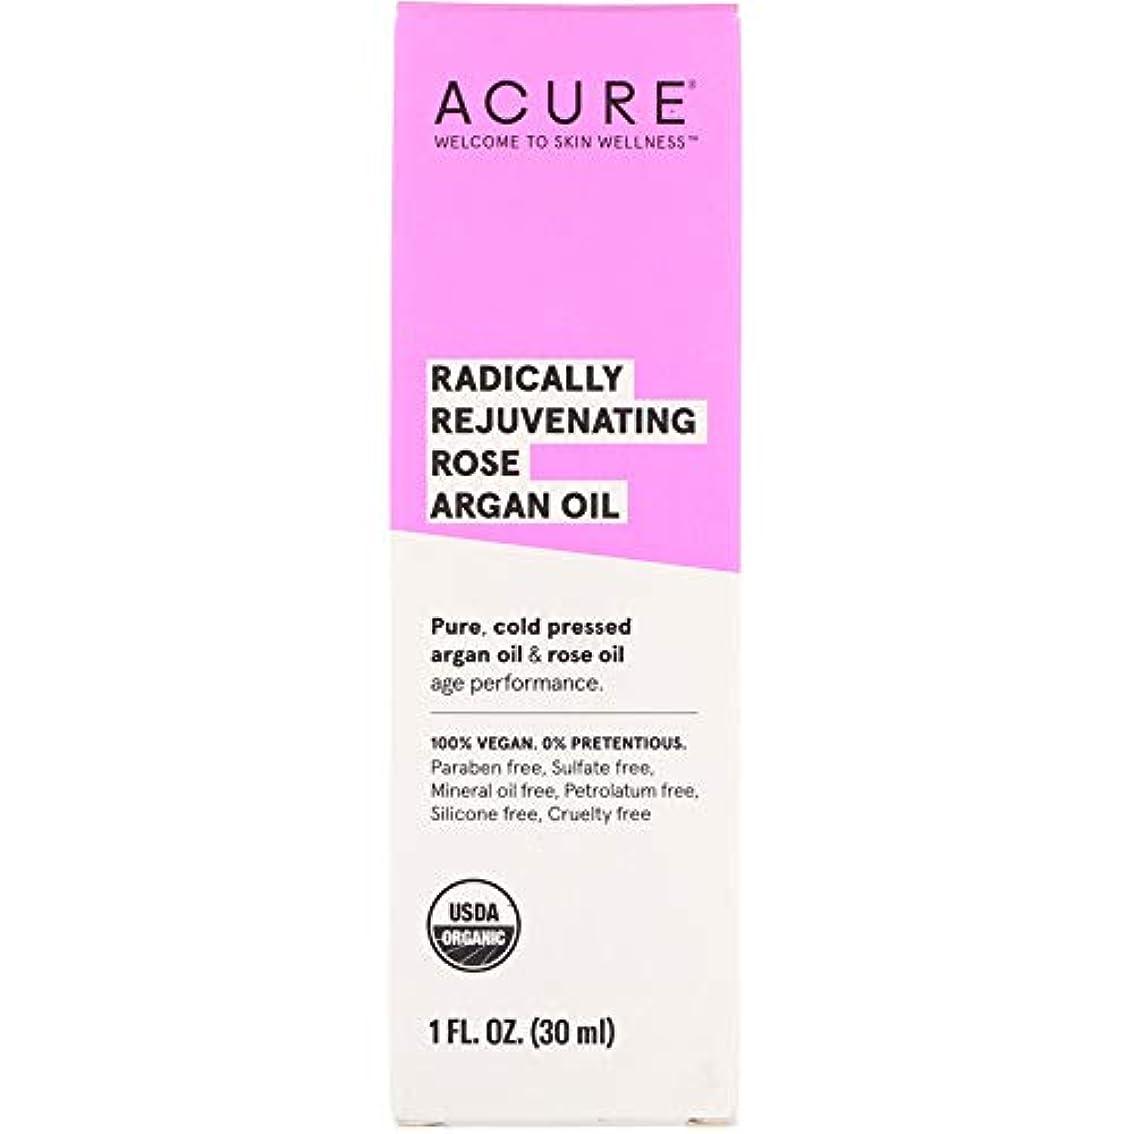 抑圧反逆放置Acure Organics, Radically Rejuvenating, Rose Argan Oil, 1 fl oz ローズアルガンオイル (30 ml) [並行輸入品]